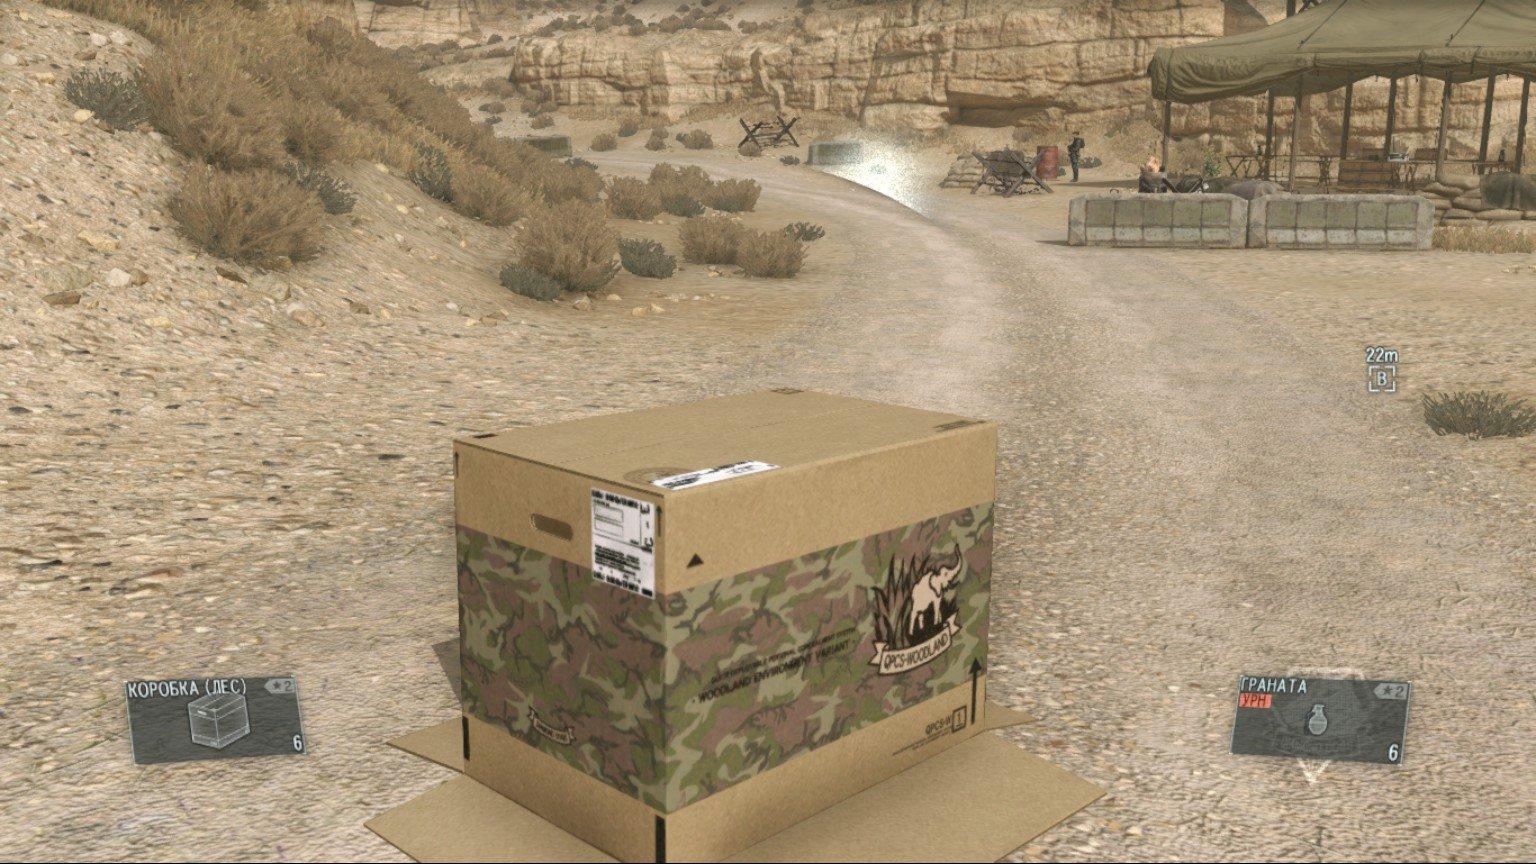 Как я вижу те или иные ситуации в Metal Gear Solid: the Phantom Pain ... часть 1 (а вдруг) - Изображение 4